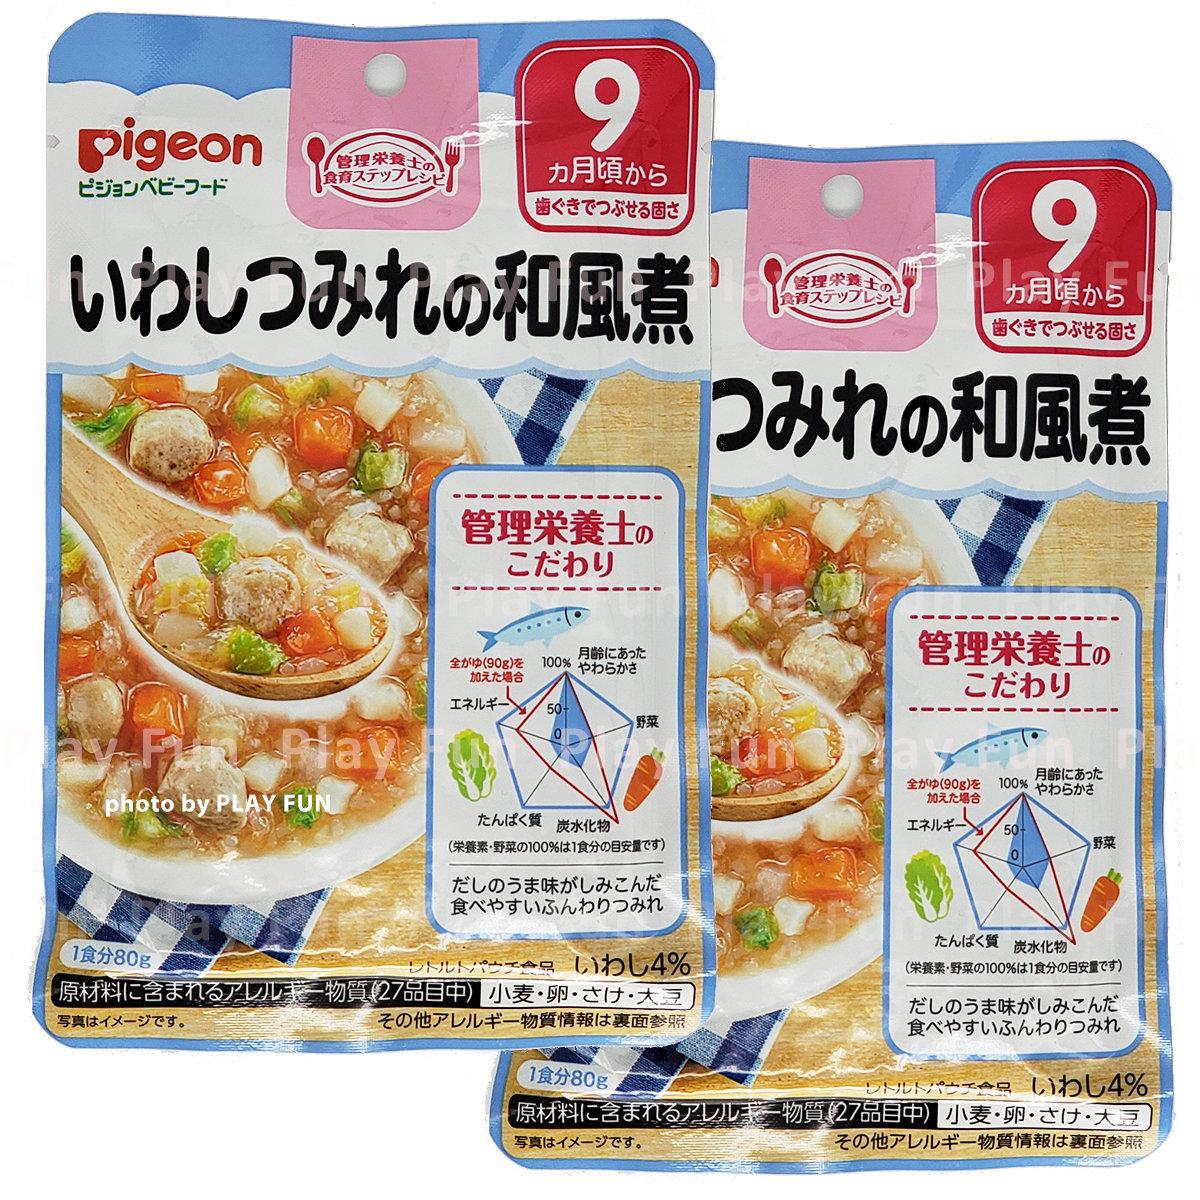 日式沙丁魚魚丸 80g [9個月或以上嬰兒食用] x 2包  (4902508139113_2)